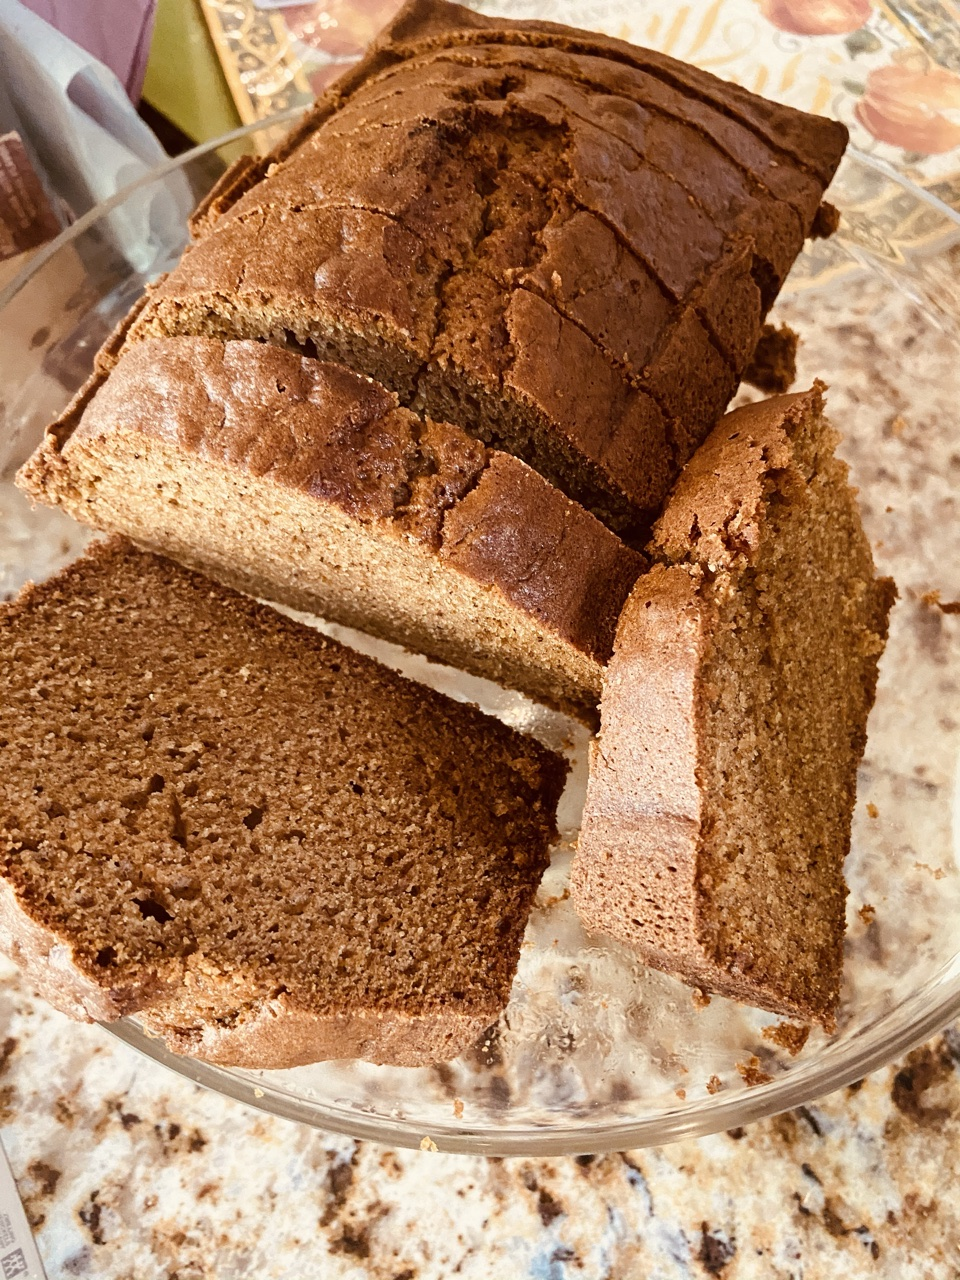 Starbucks® Pumpkin Bread